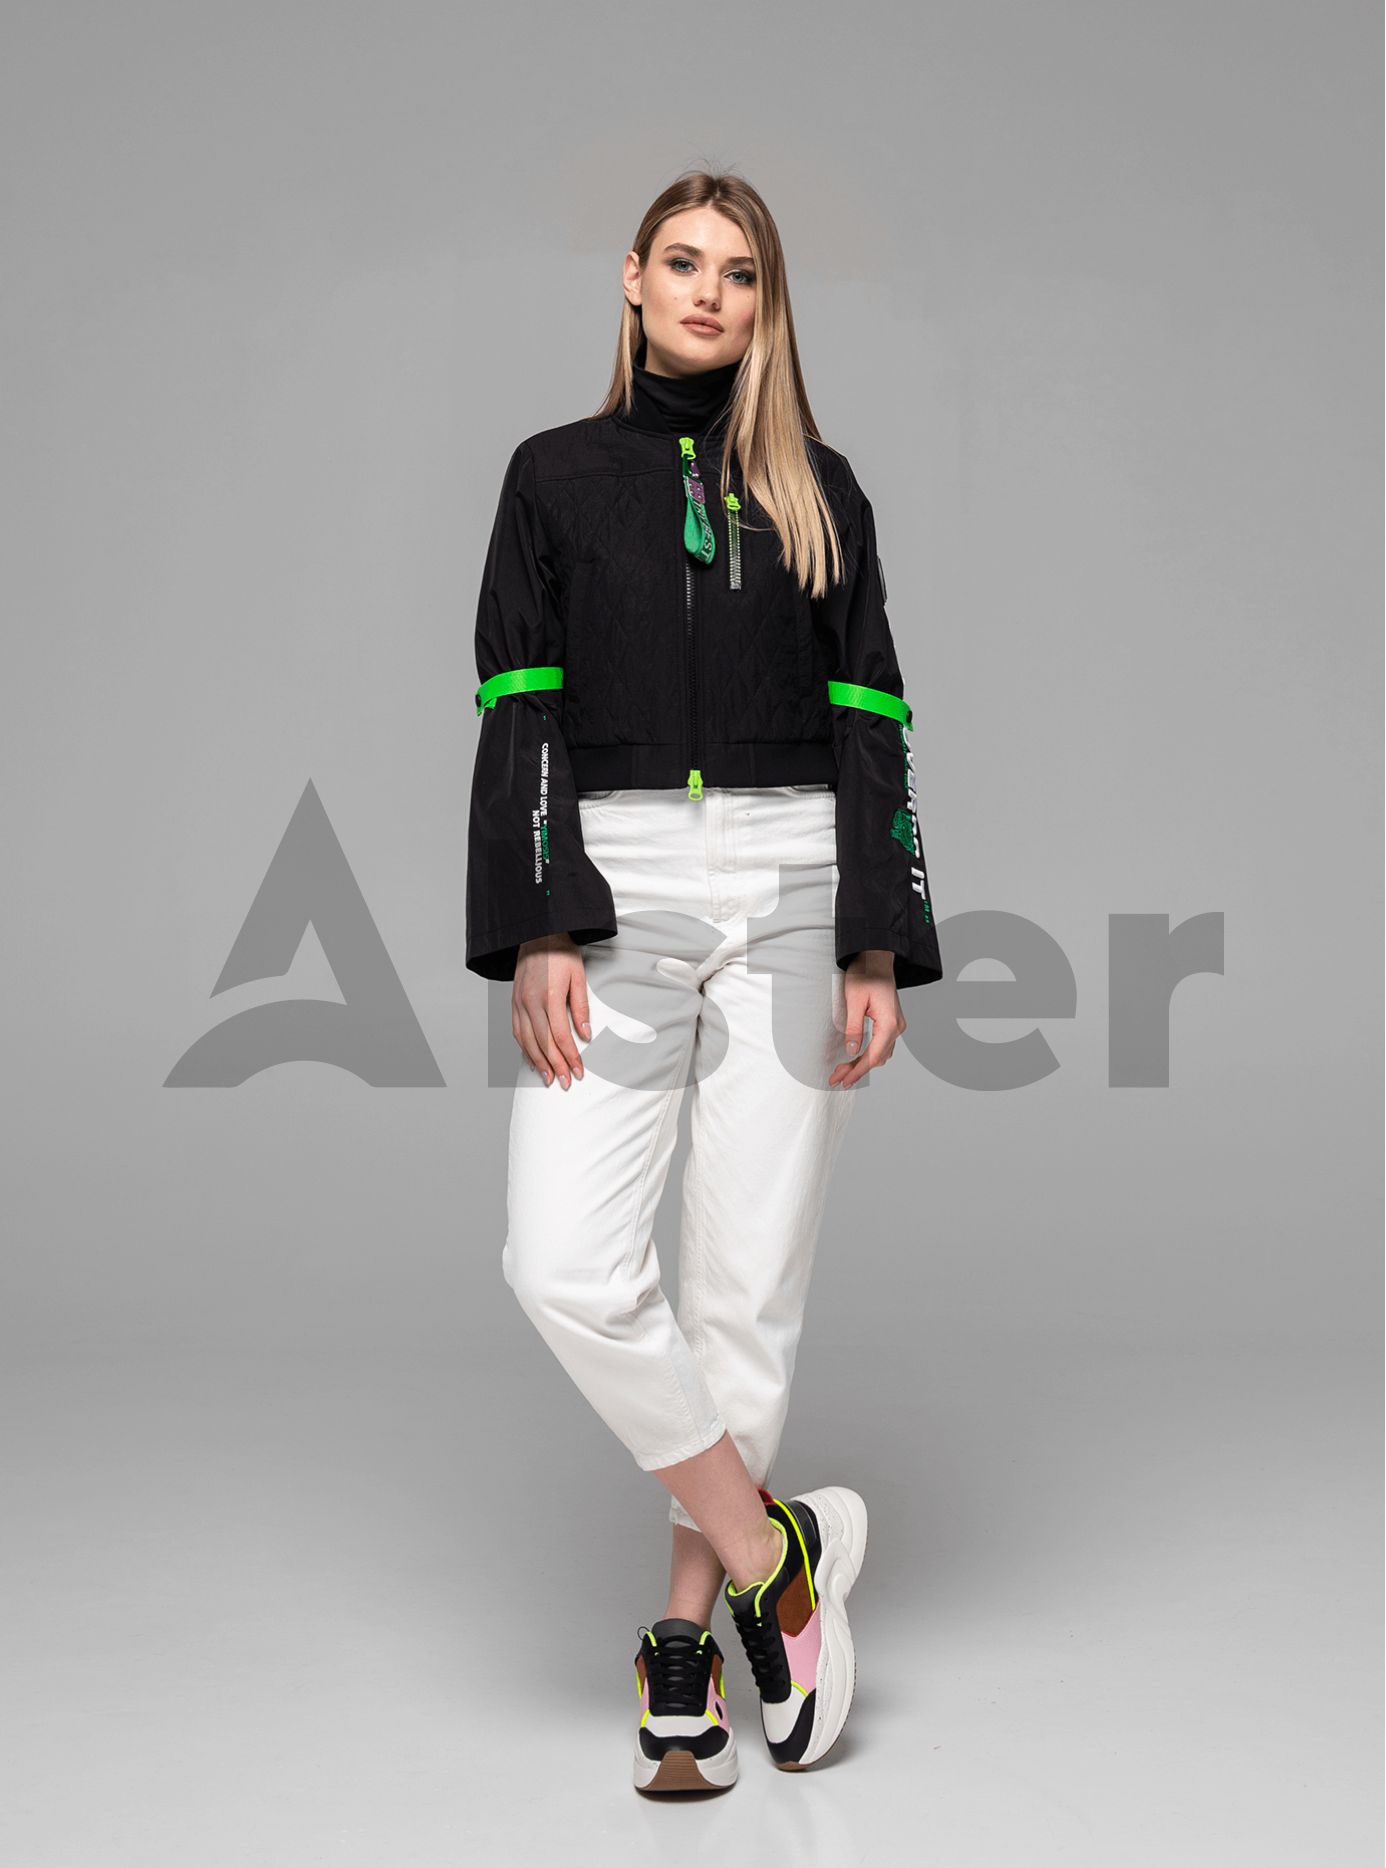 Куртка женская бомбер Чёрный L (02-Y191058): фото - Alster.ua